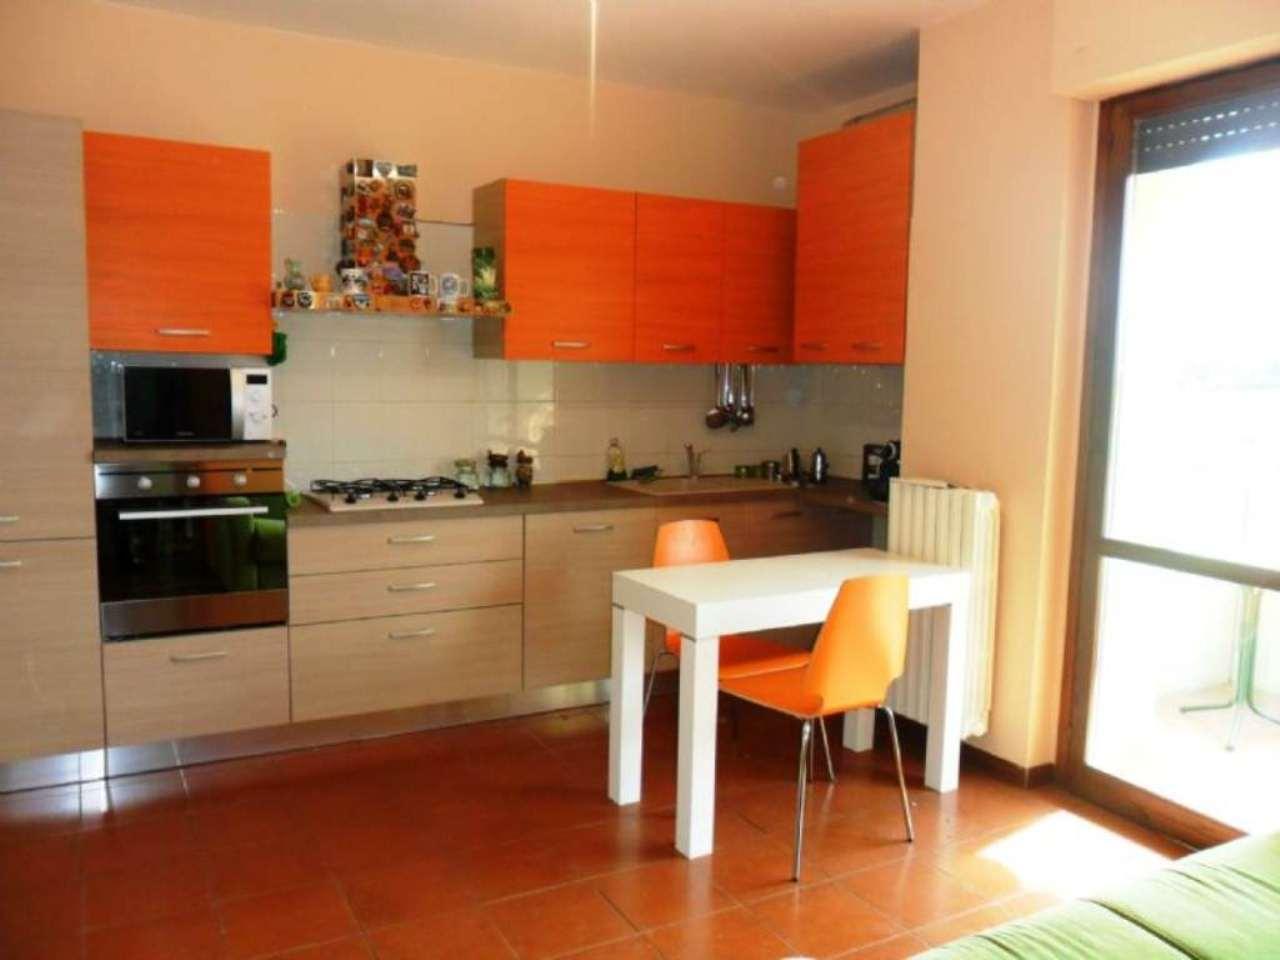 Appartamento in vendita a Fontevivo, 2 locali, prezzo € 60.000 | Cambio Casa.it